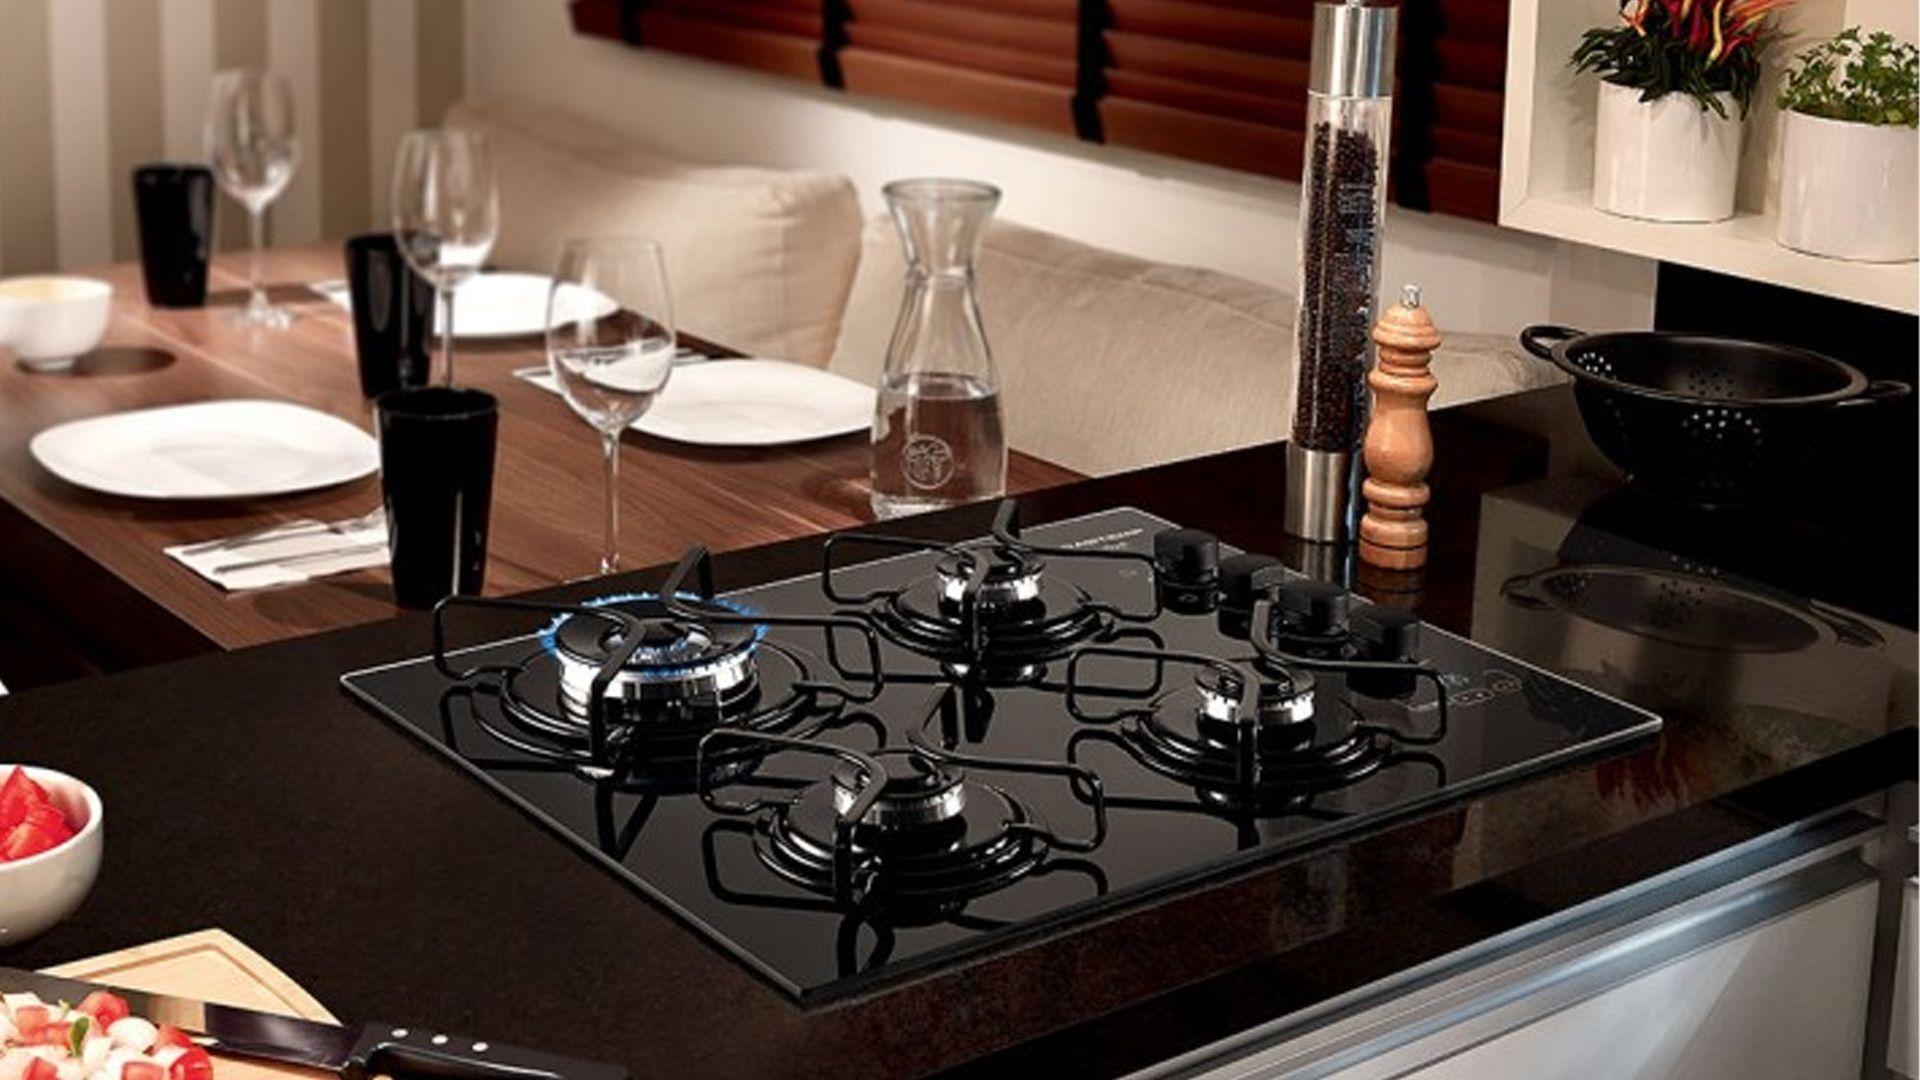 O cooktop Brastemp Ative, indicado aqui, também está disponível com 4 bocas. (Imagem: Divulgação/Brastemp)